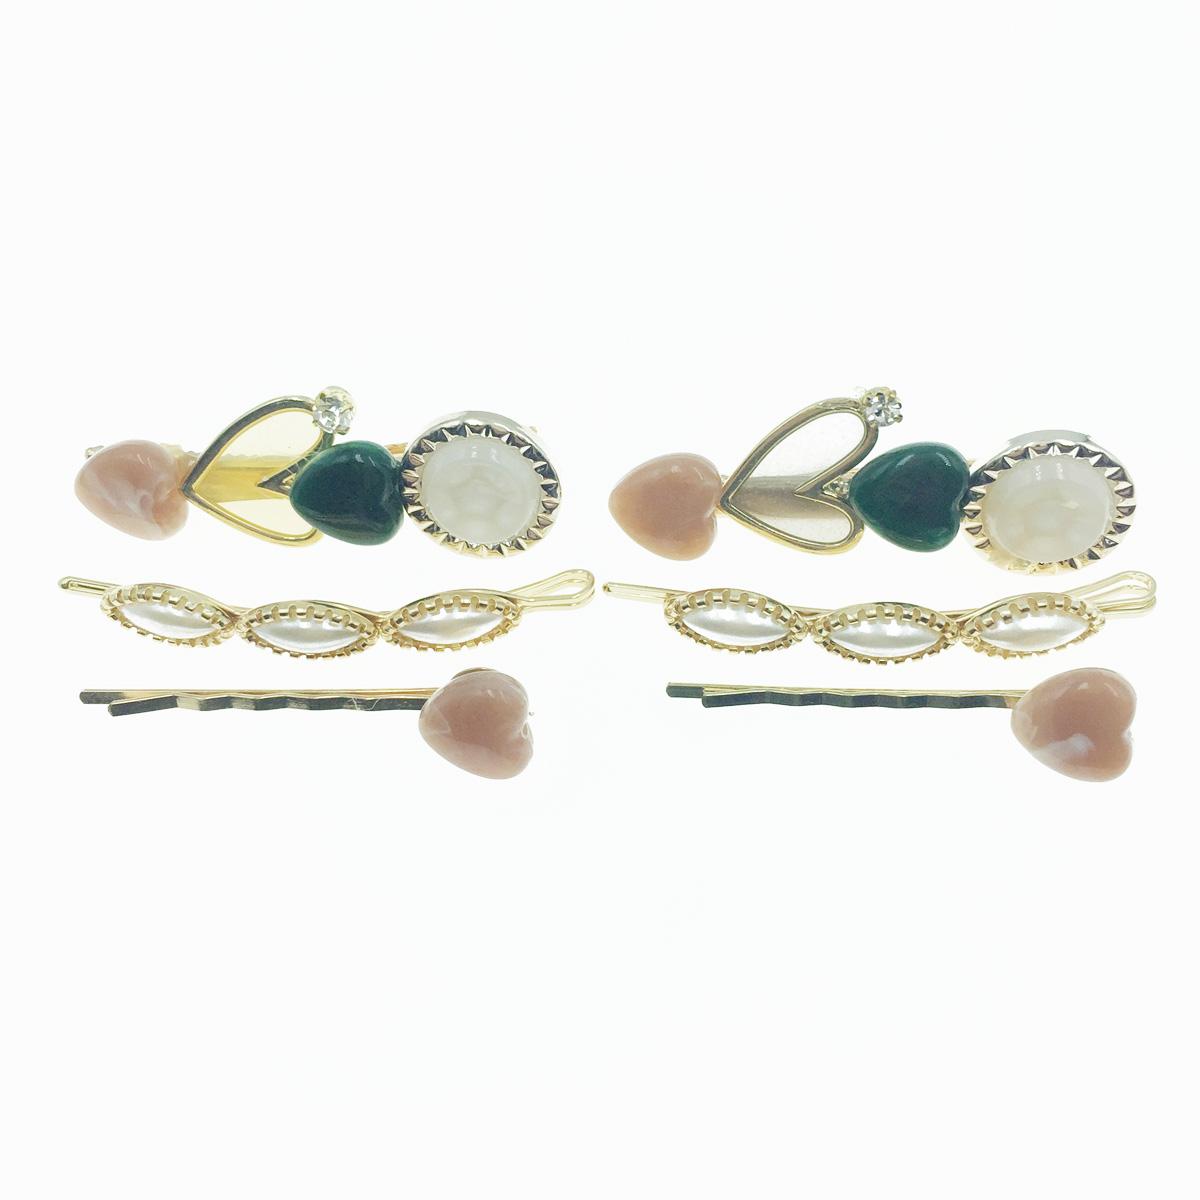 韓國 愛心 水鑽 寶石 3入組 兩款 髮飾 髮夾 線夾 壓夾